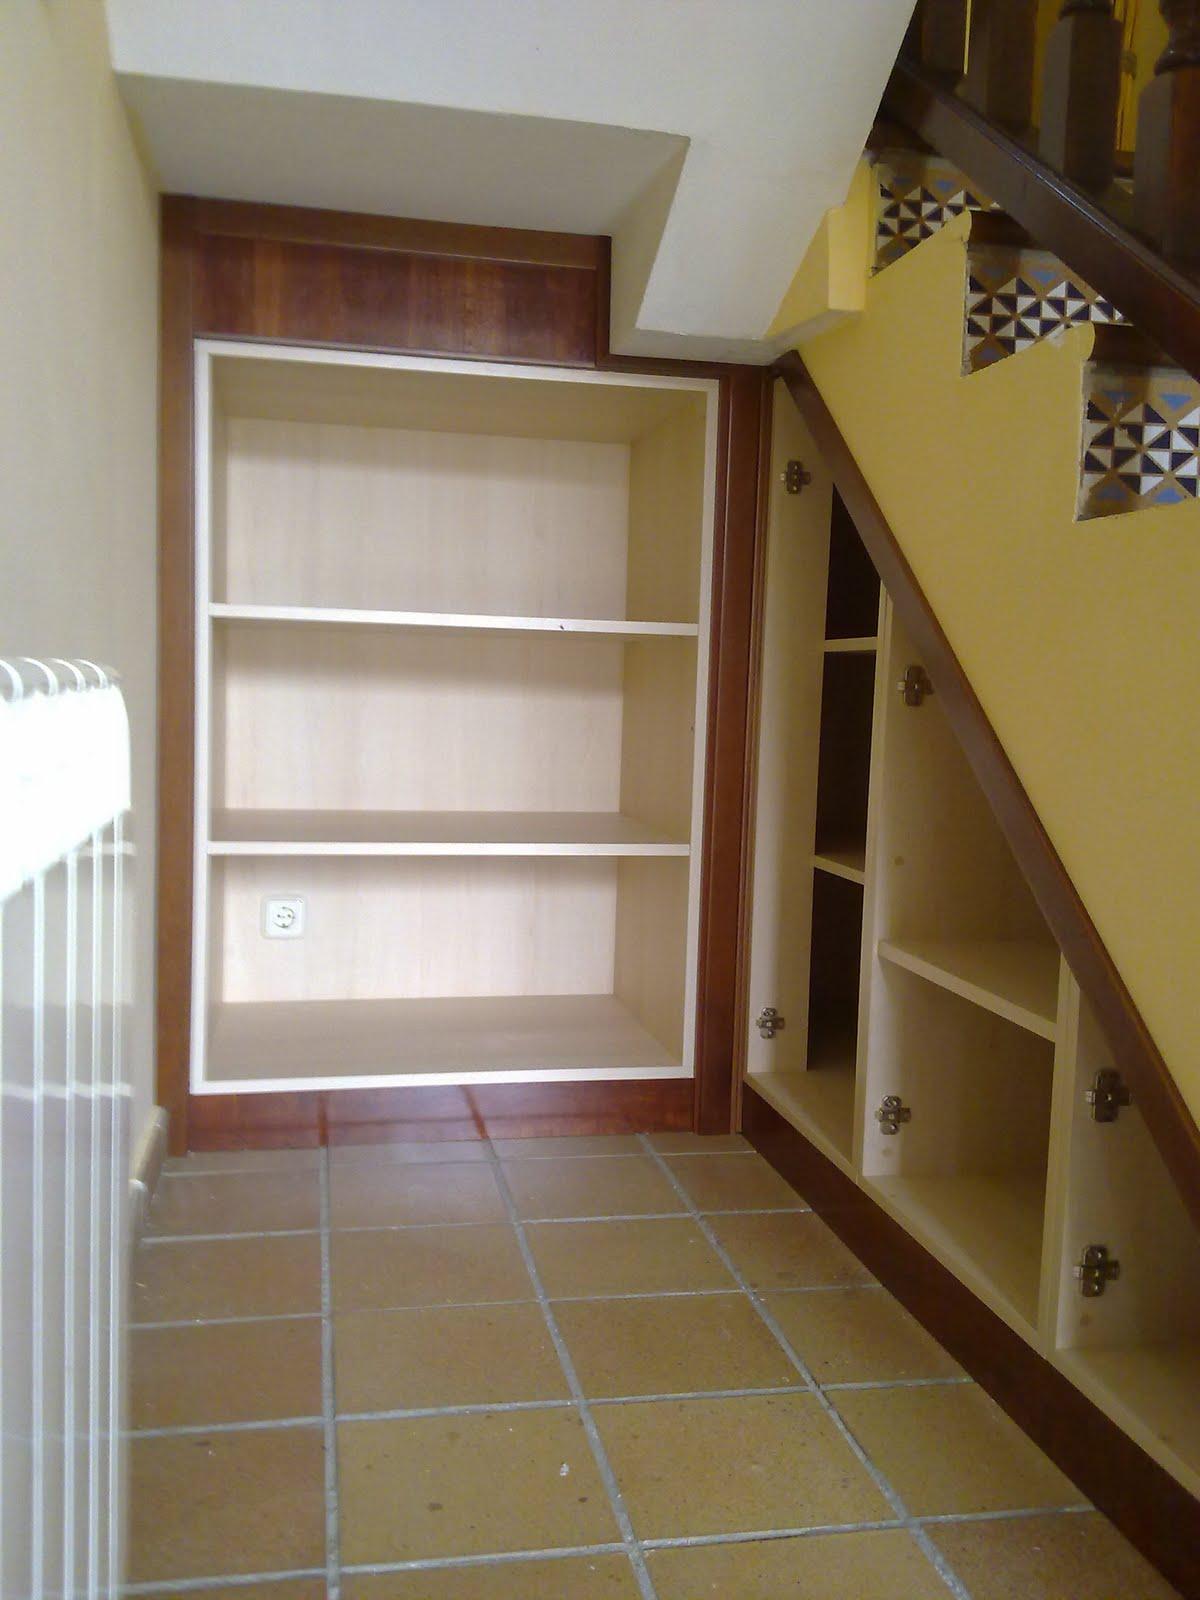 Armario hueco escalera perfect mueble multimedia a medida debajo de la escalera with armario - Armario hueco escalera ...